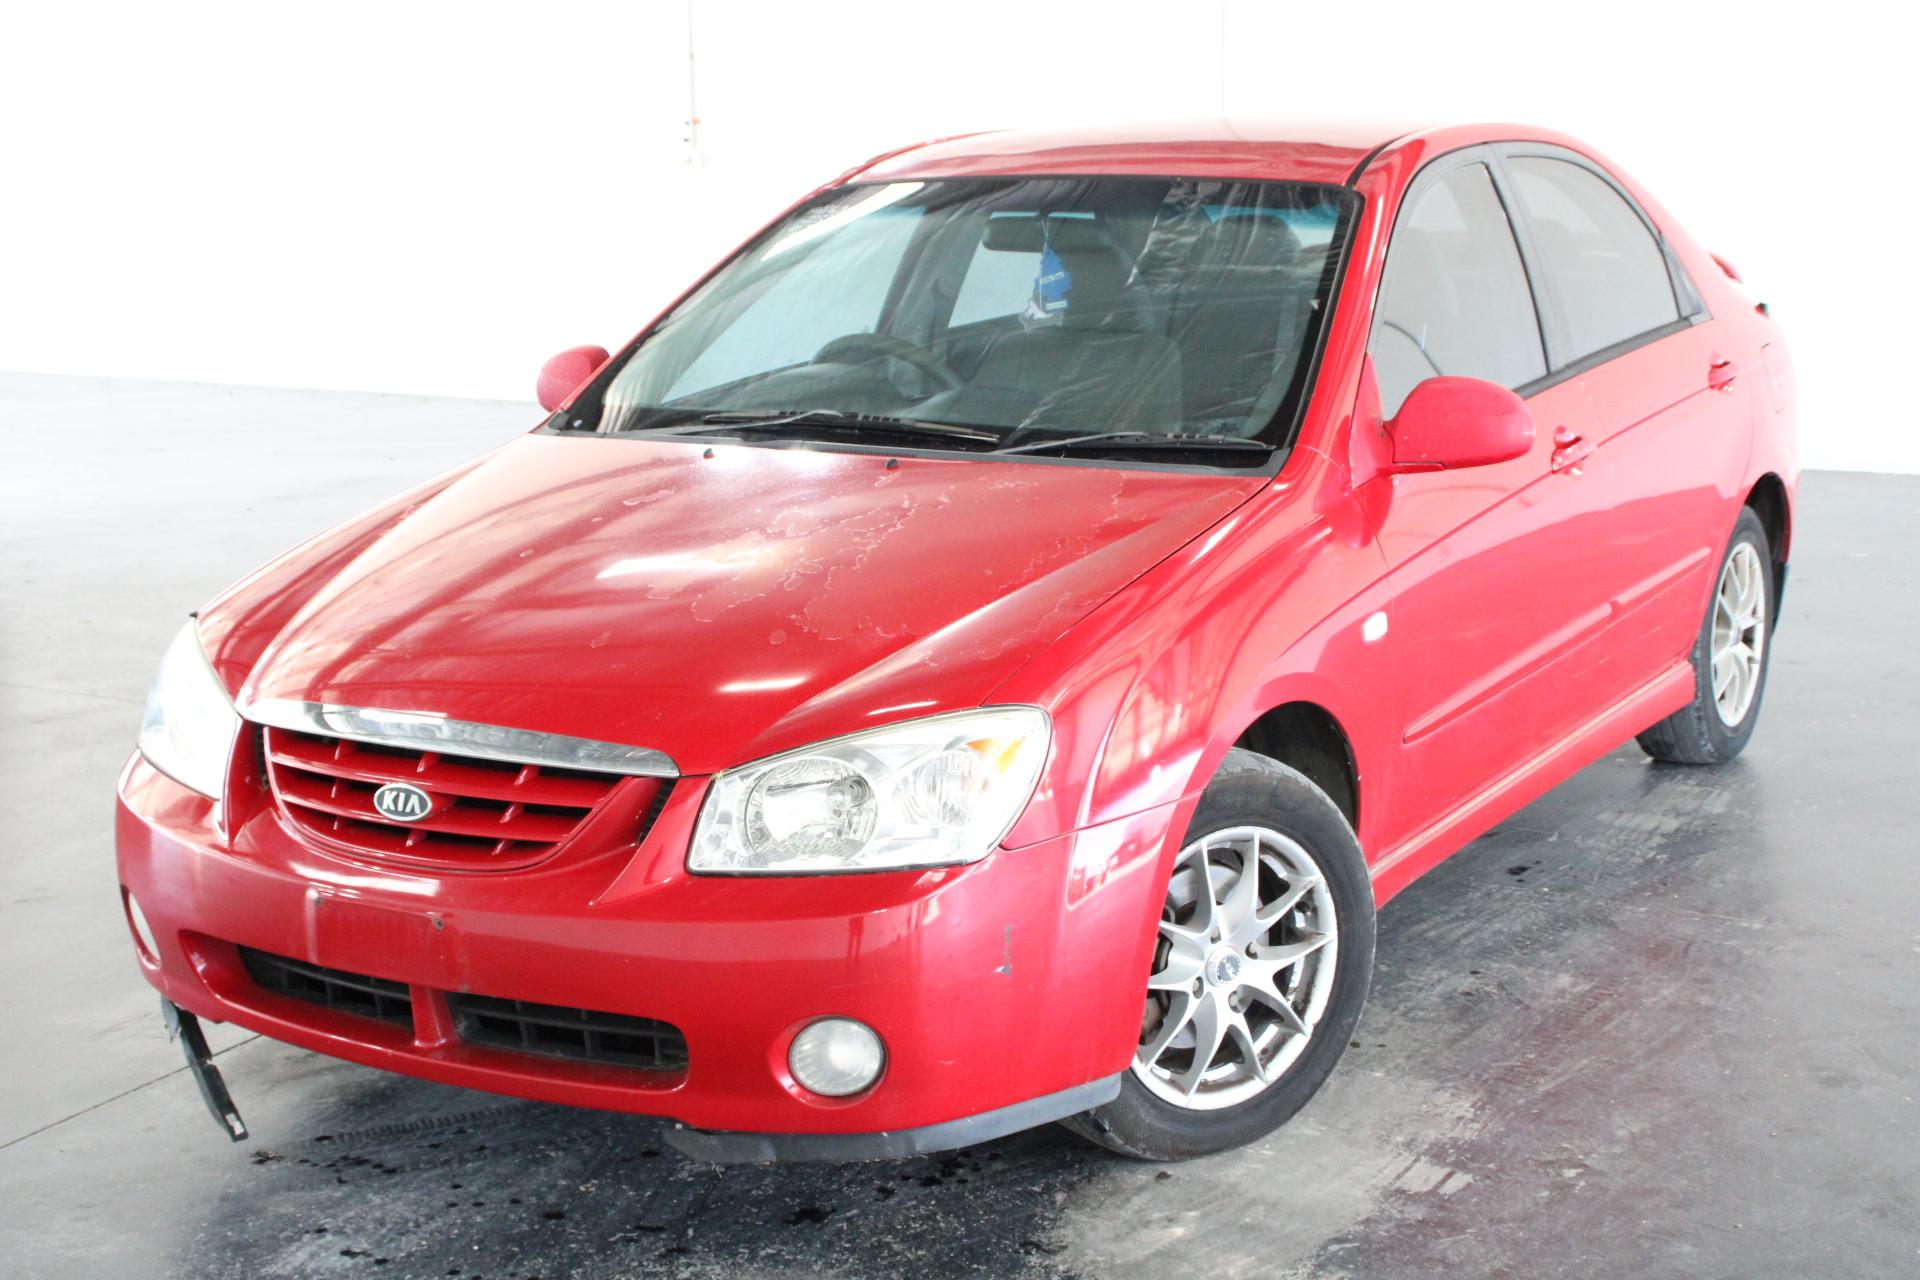 2004 Kia Cerato LD Manual Sedan